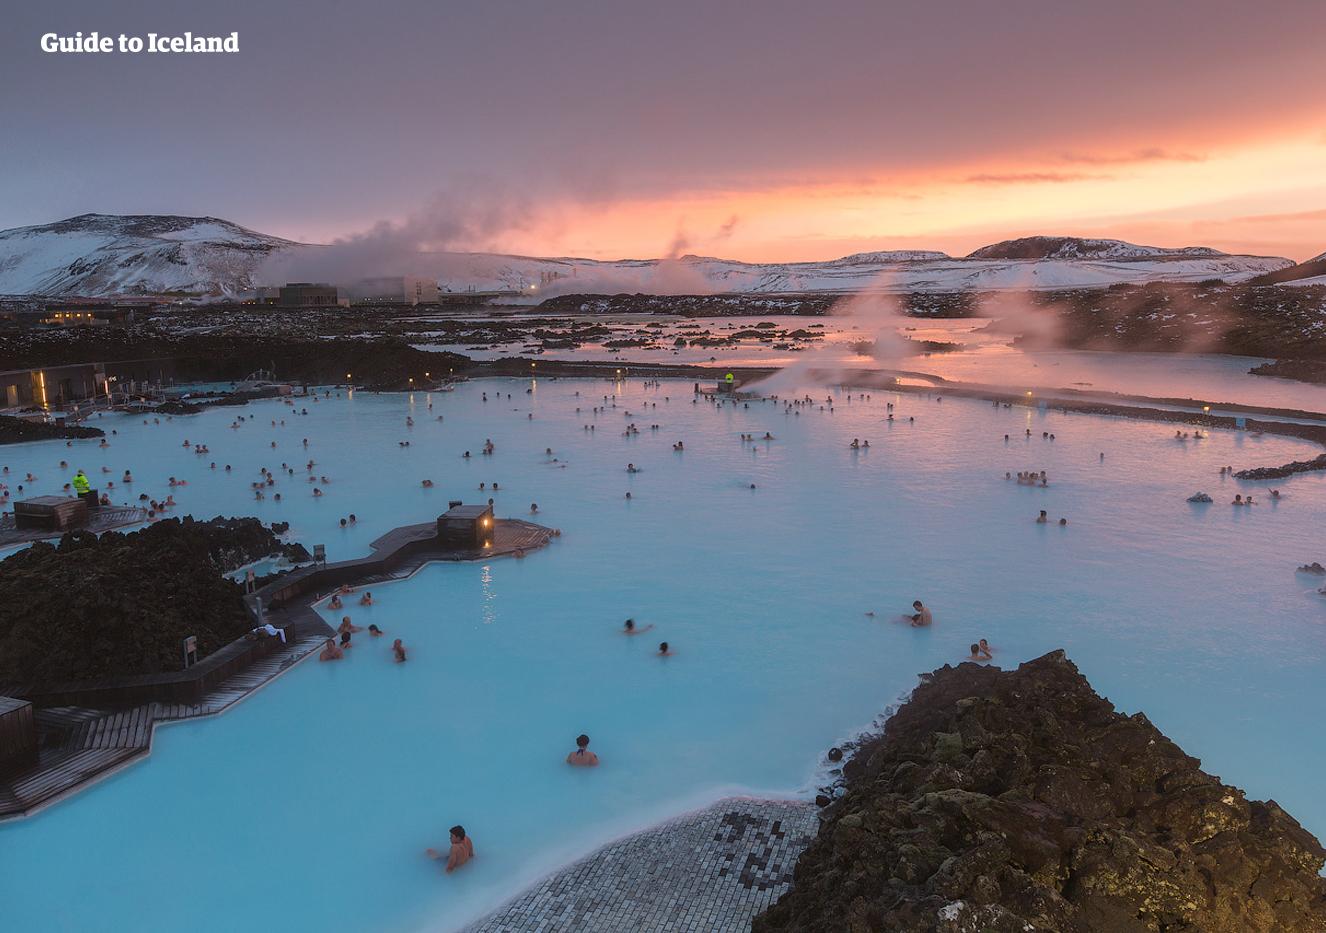 Det geotermiska vattnet i Blå lagunen är rikt på mineraler som garanterat ger dig ny energi efter en lång resa